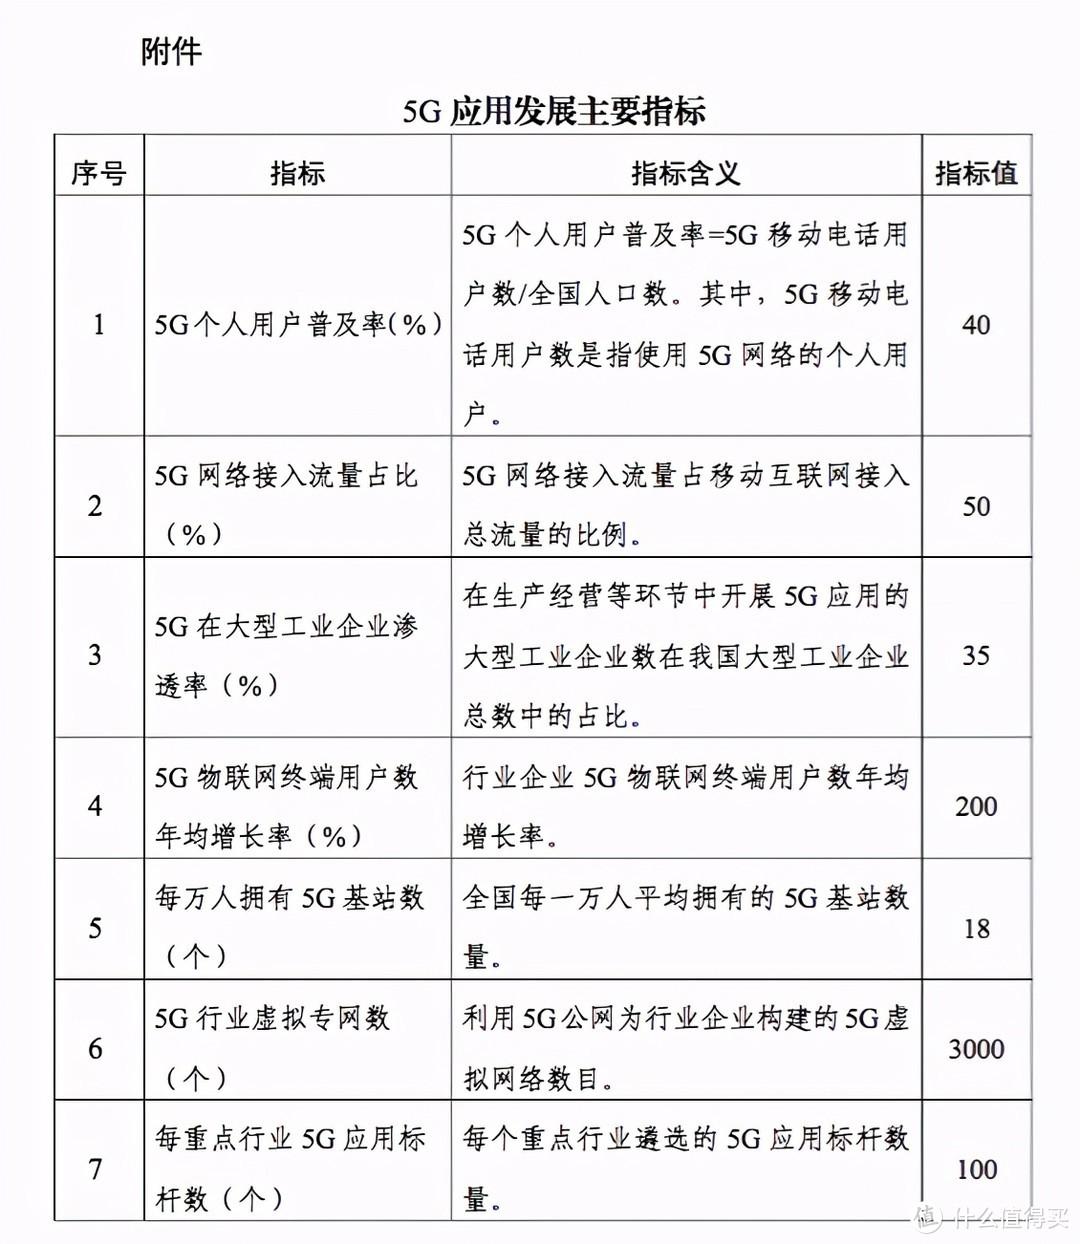 三大运营商交出半年度成绩:中国移动一骑领先,中国联通后劲十足